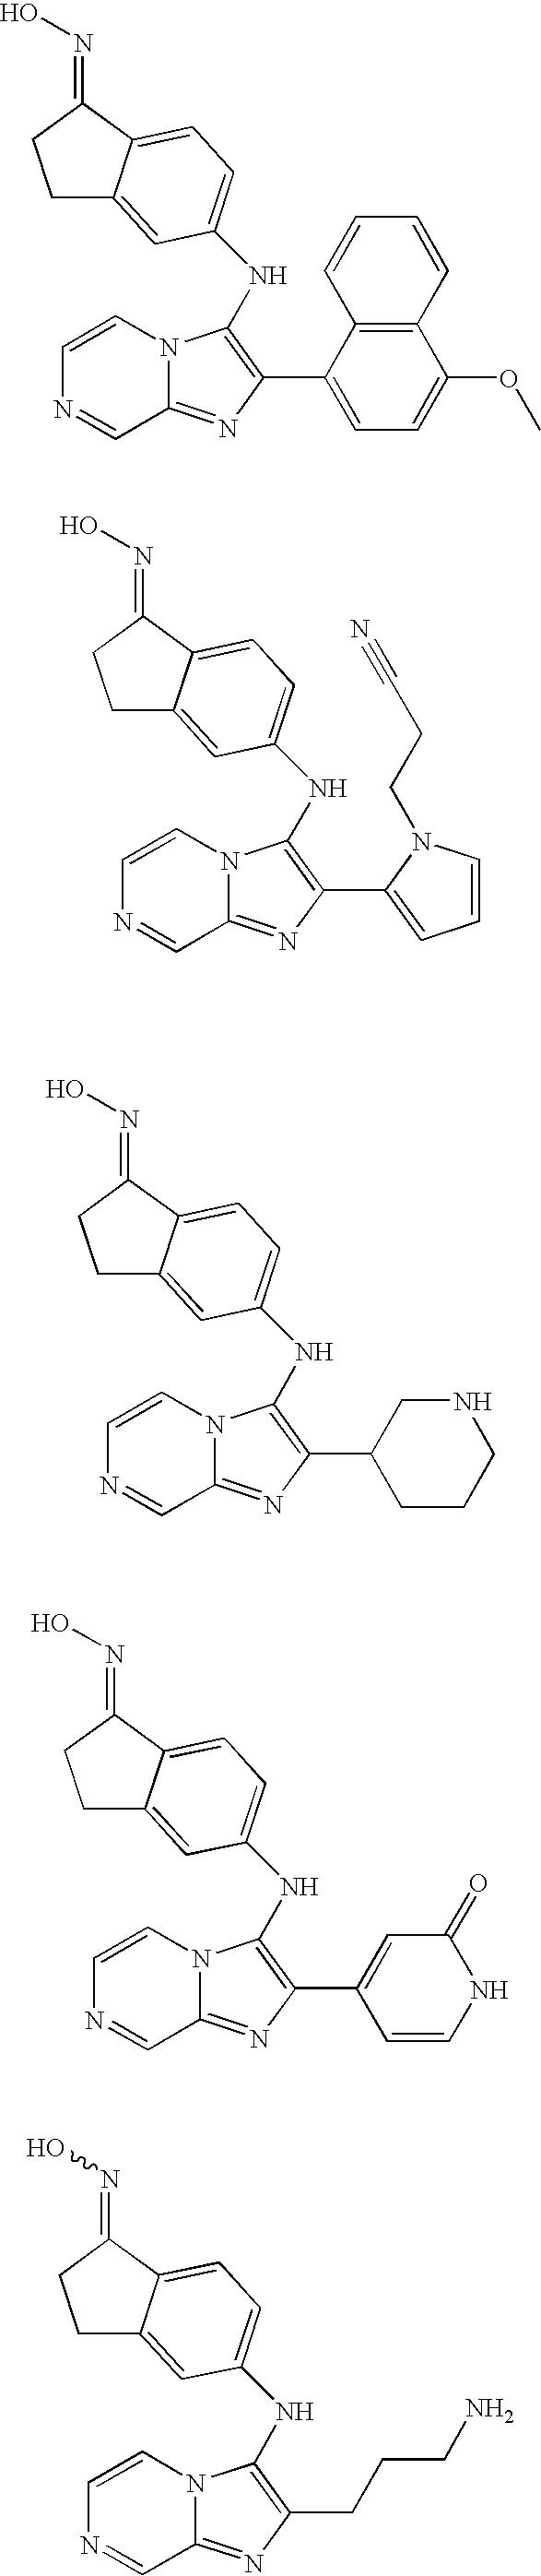 Figure US07566716-20090728-C00152